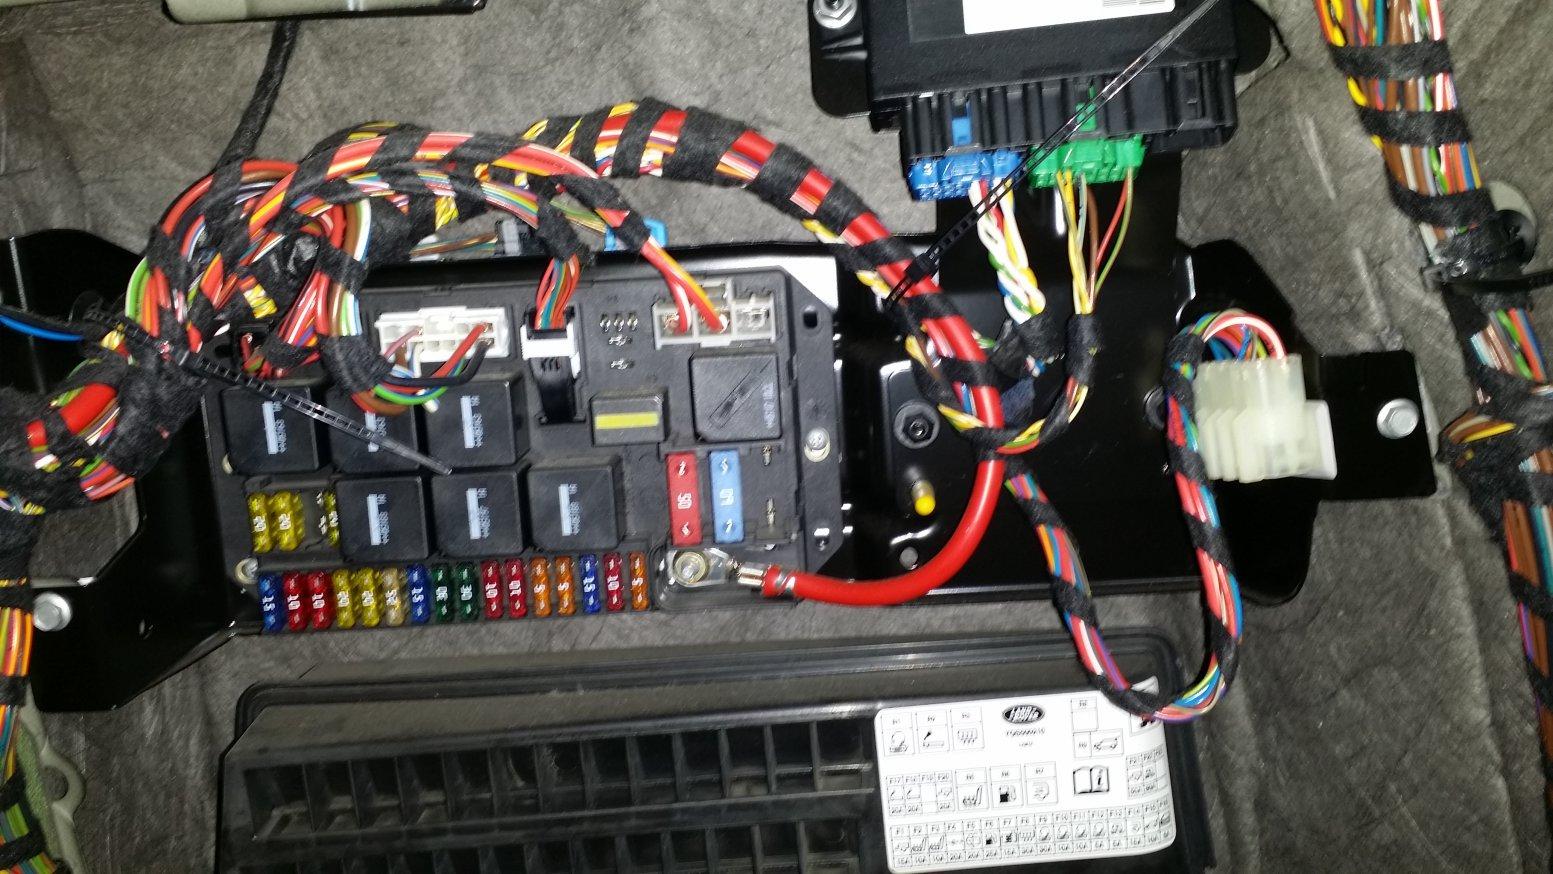 06-09 trailer wiring installation-20150512_114209.jpg